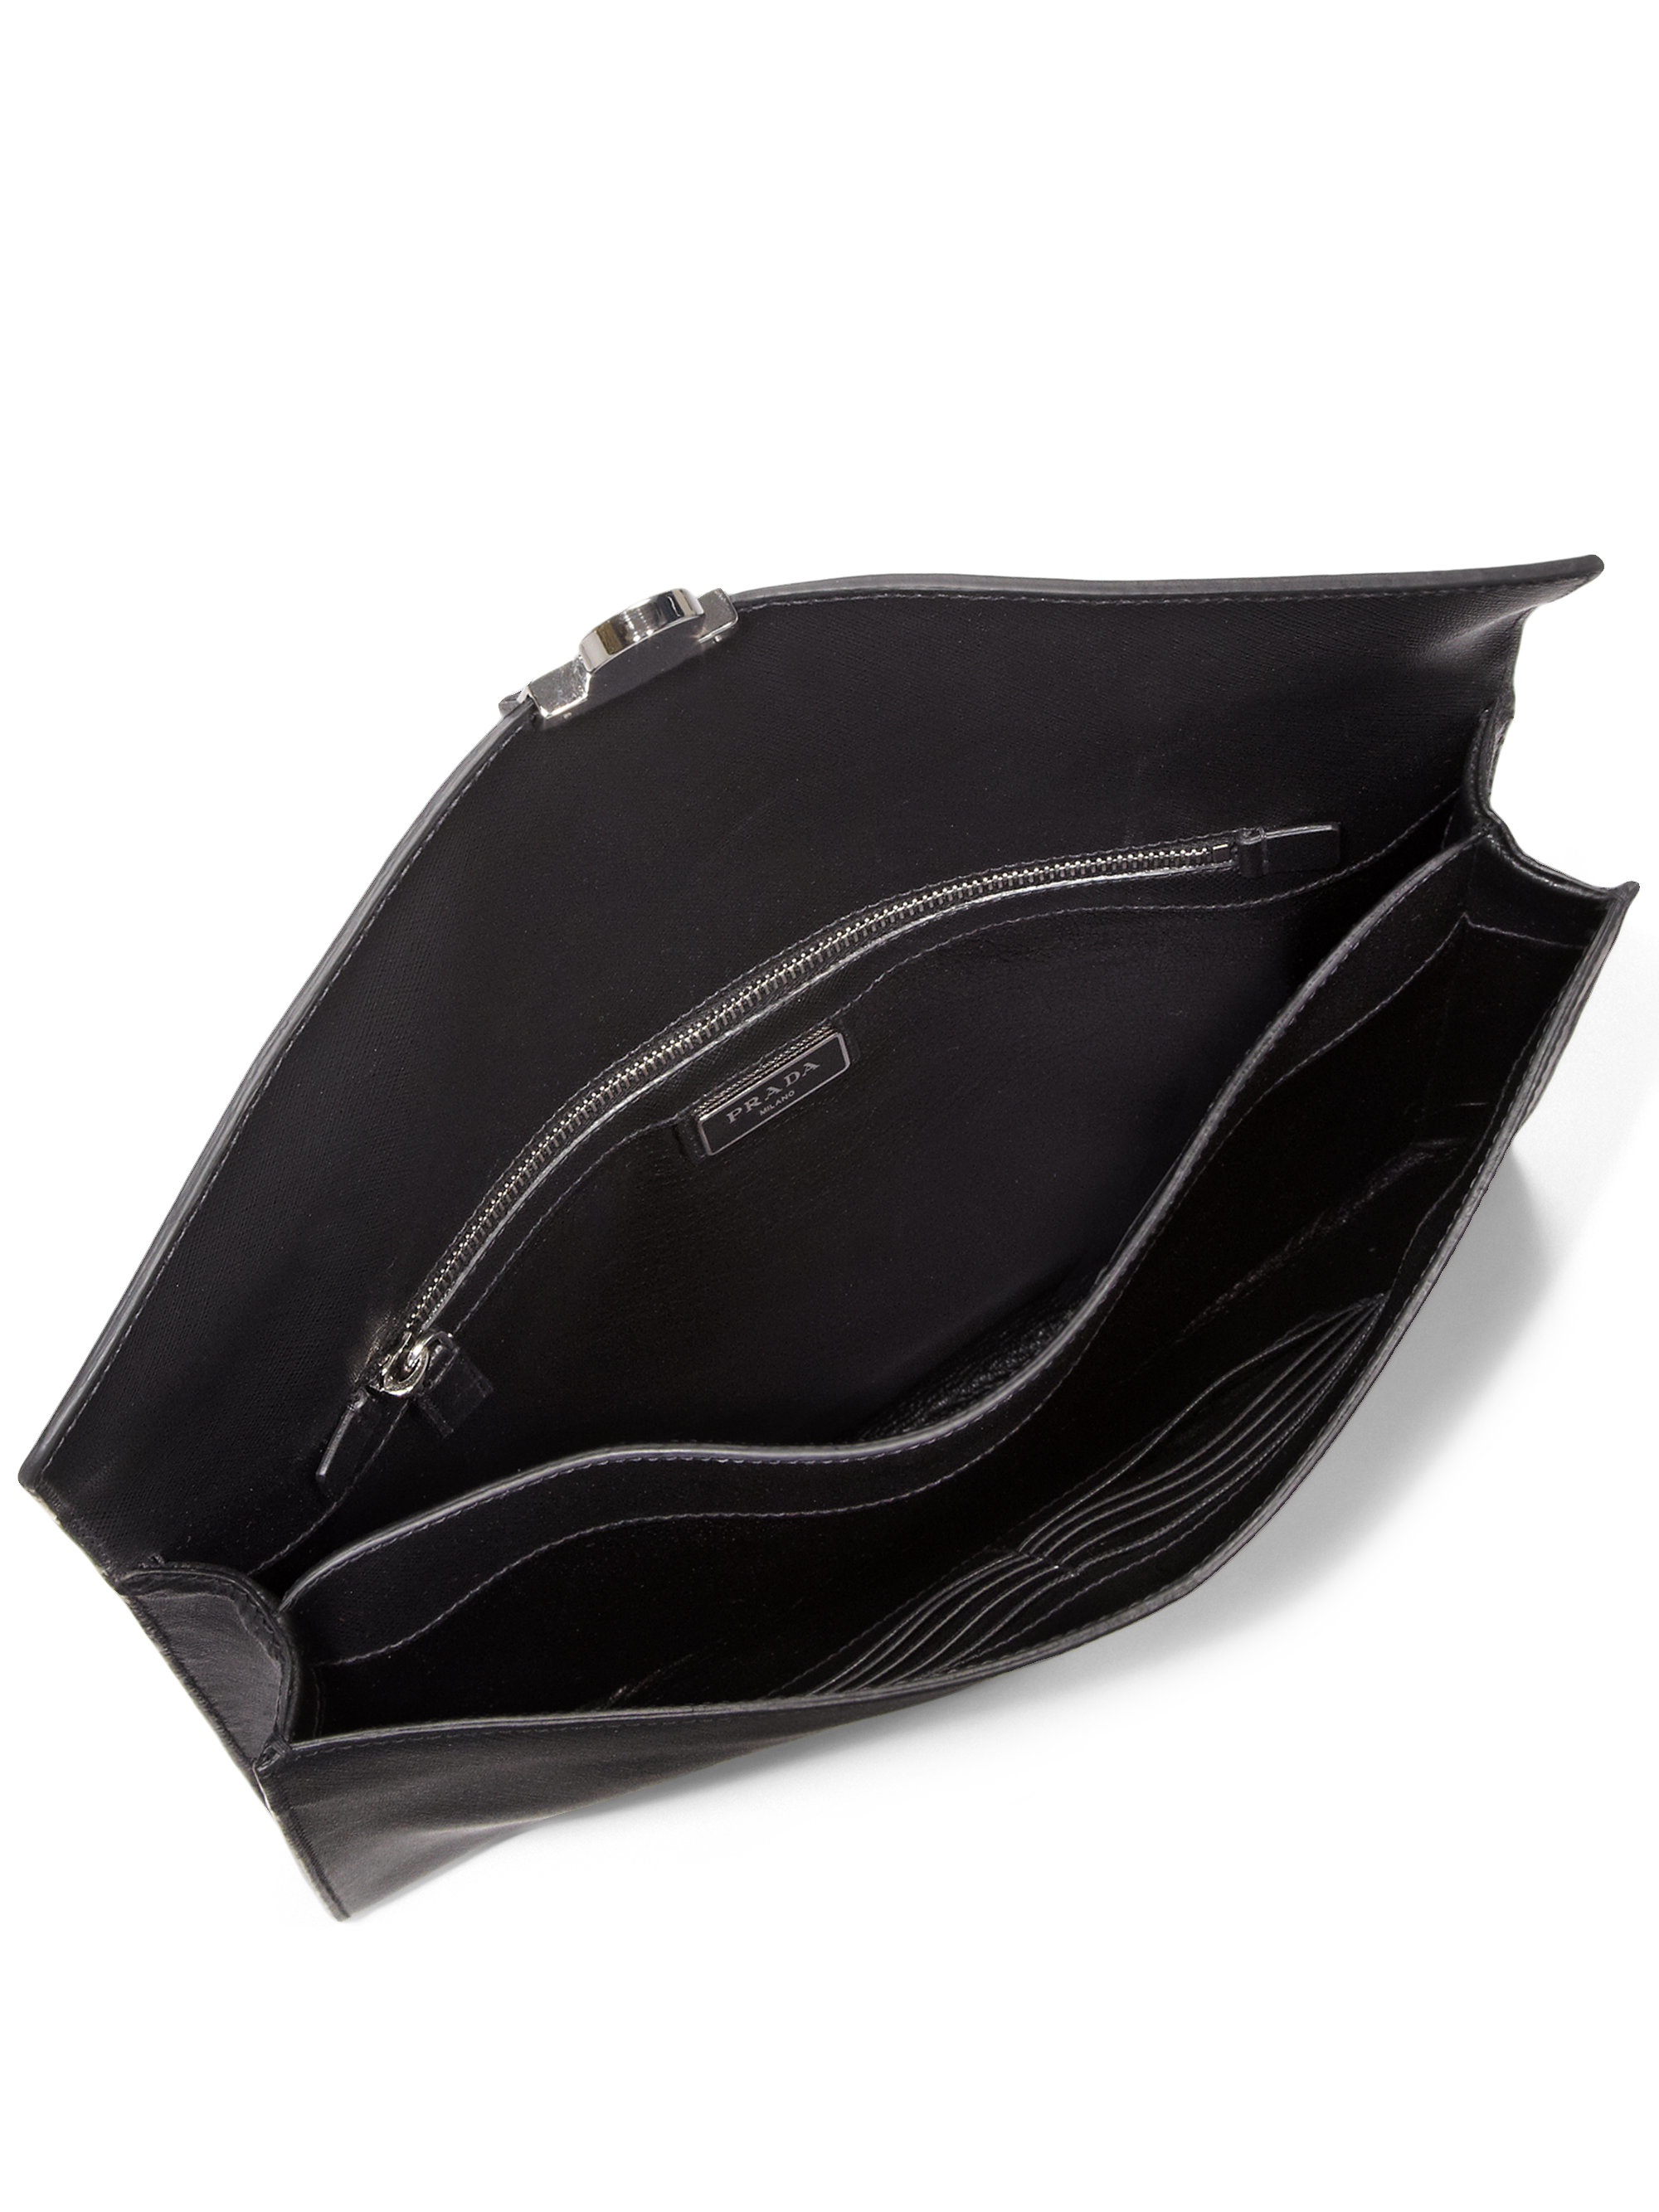 713c5f606661 ... sale lyst prada saffiano travel document holder in black for men 073ec  c70cd